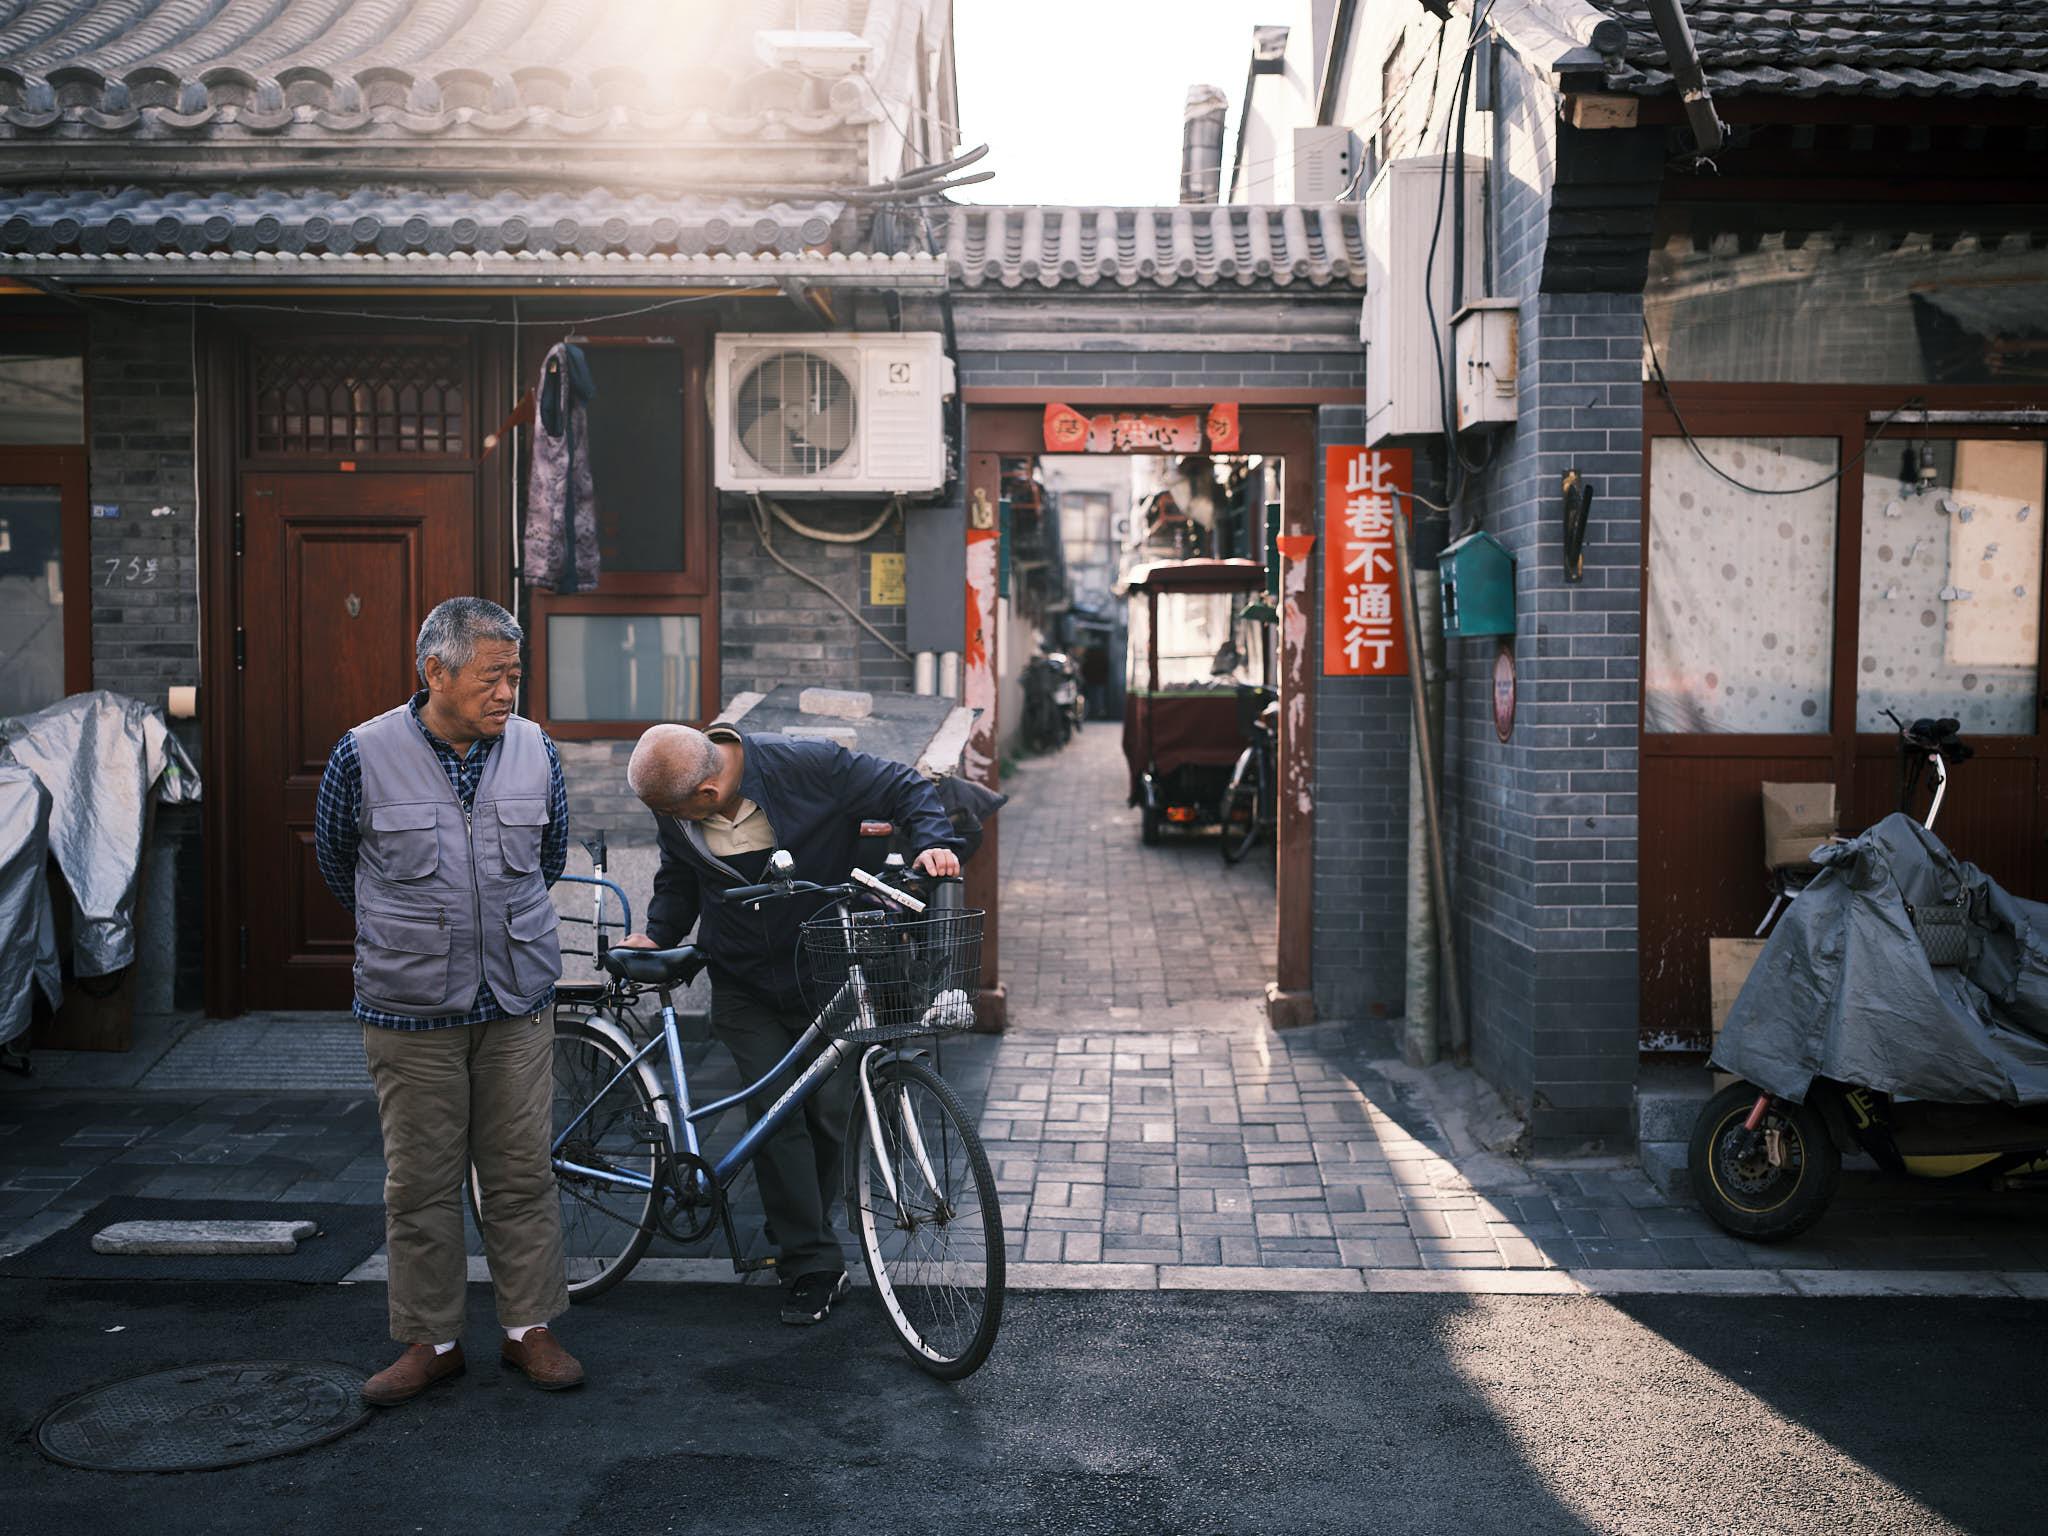 Old men fixing a bike in Qianmen Hutong Beijing